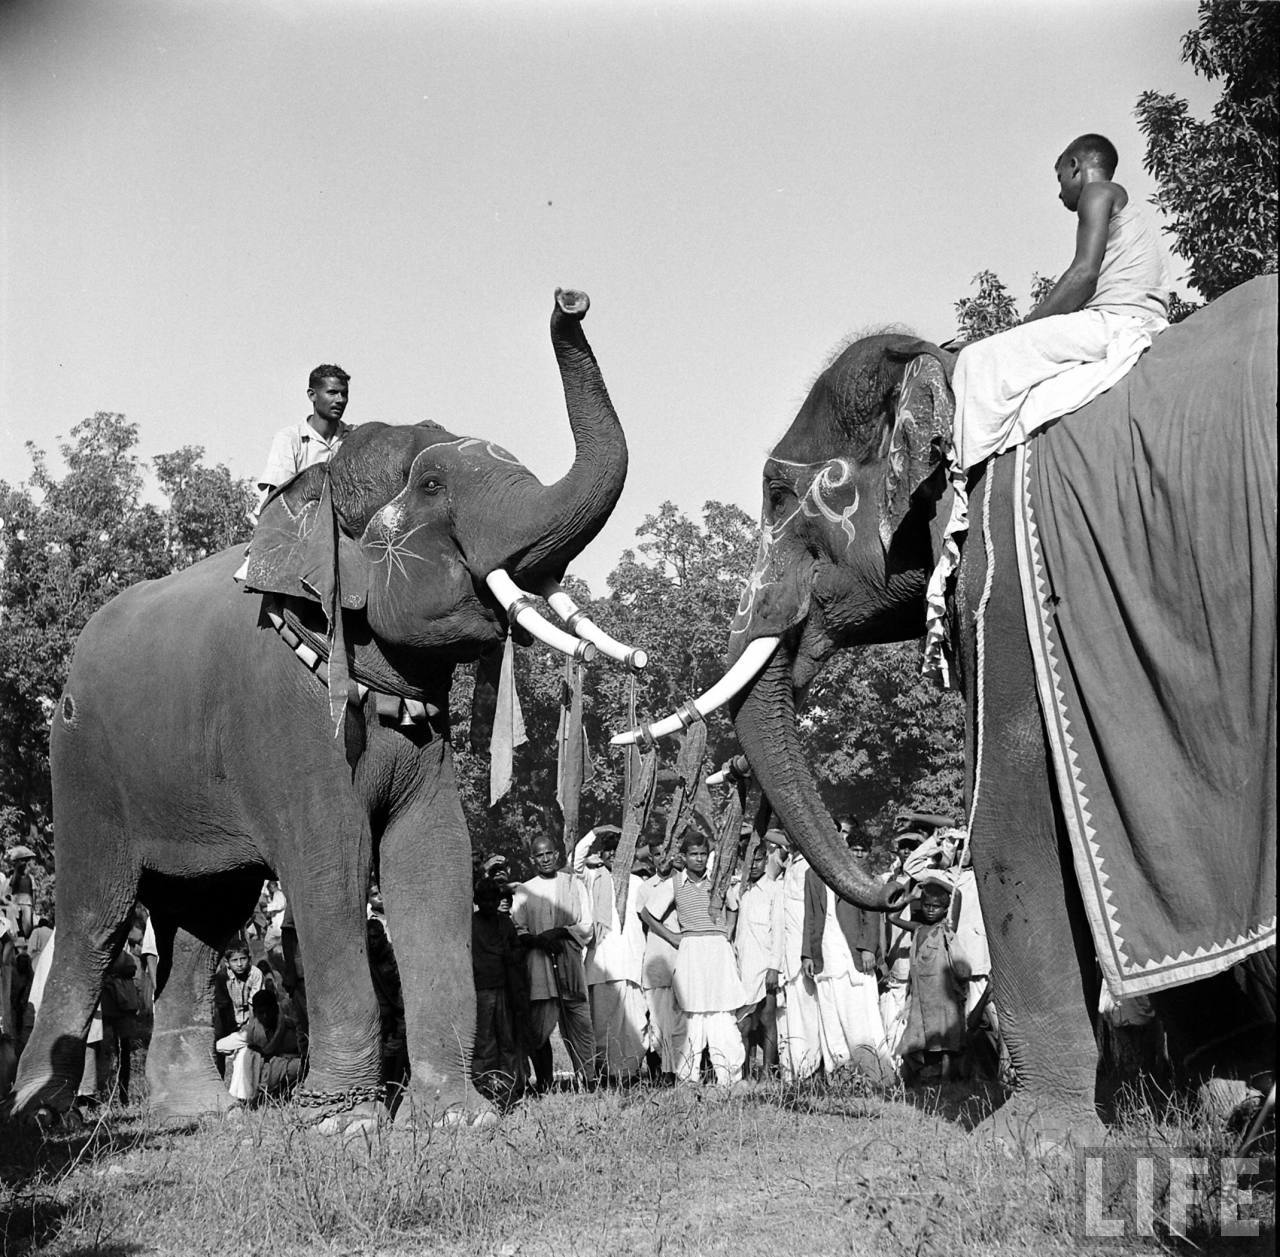 Elephant En Inde Signification Éléphant symbole sacré d'asie | mes indes galantes blog